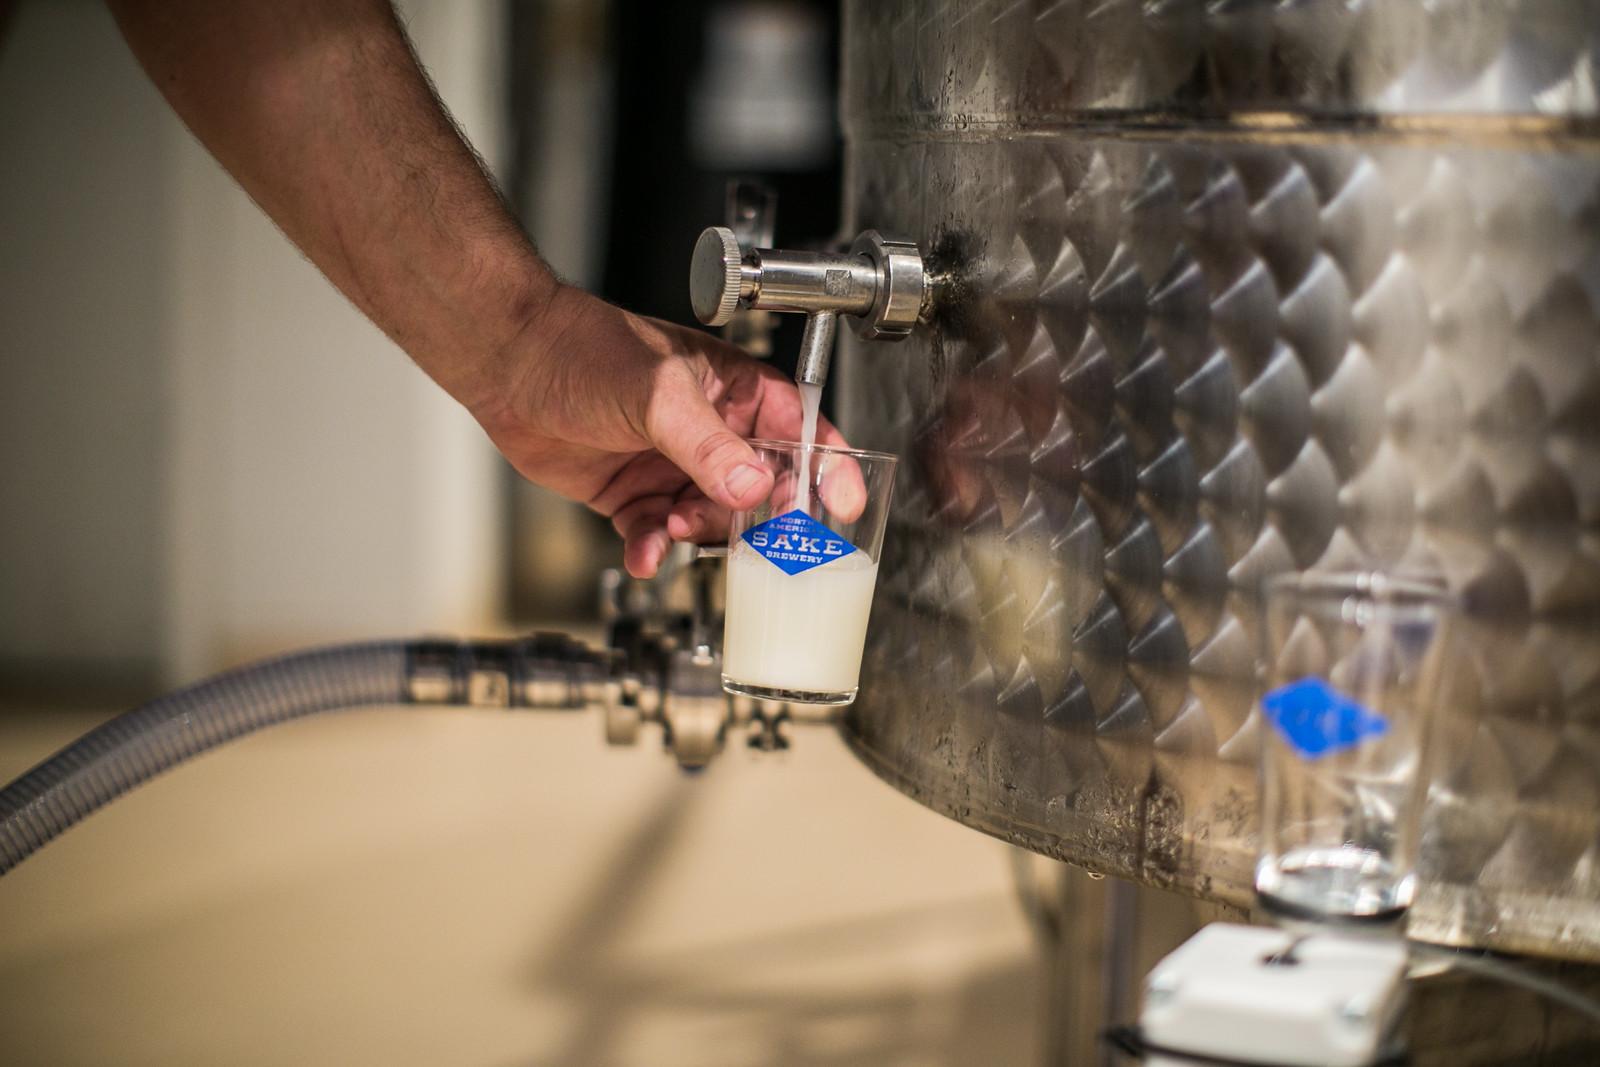 North American Sake, Charlottesville Sake